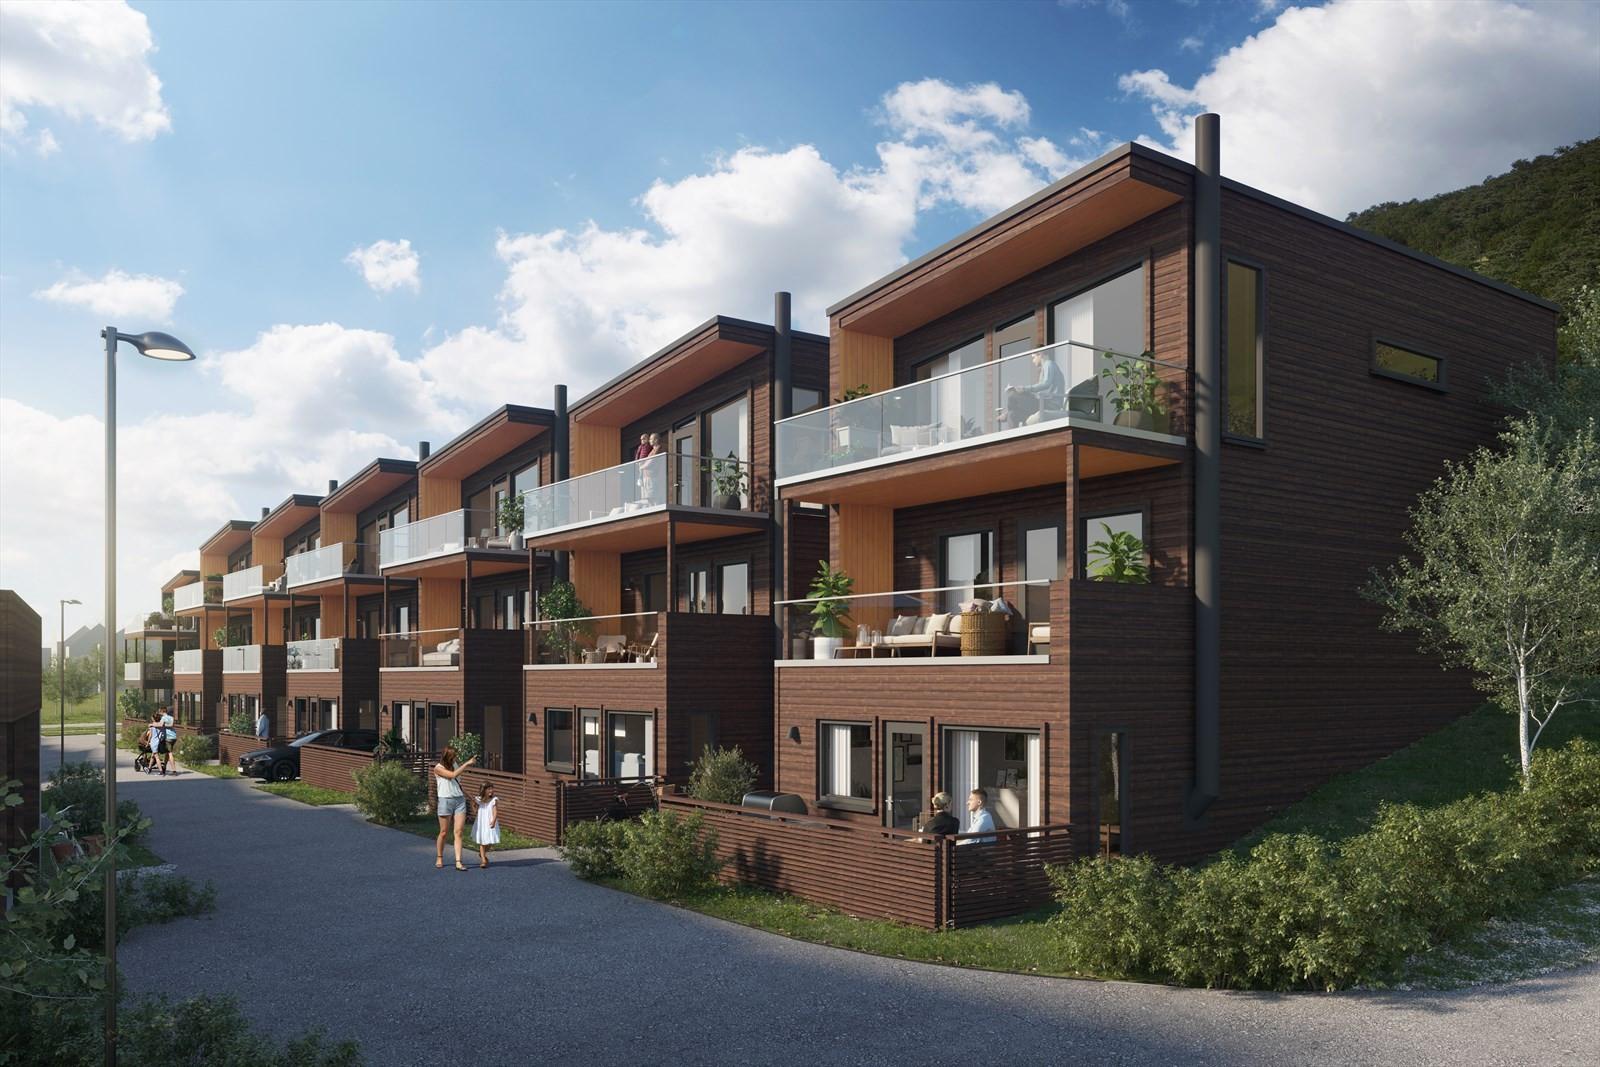 Tomannsboliger med 3-roms i u.etasjen og 4-roms i de 2 øverste etasjene